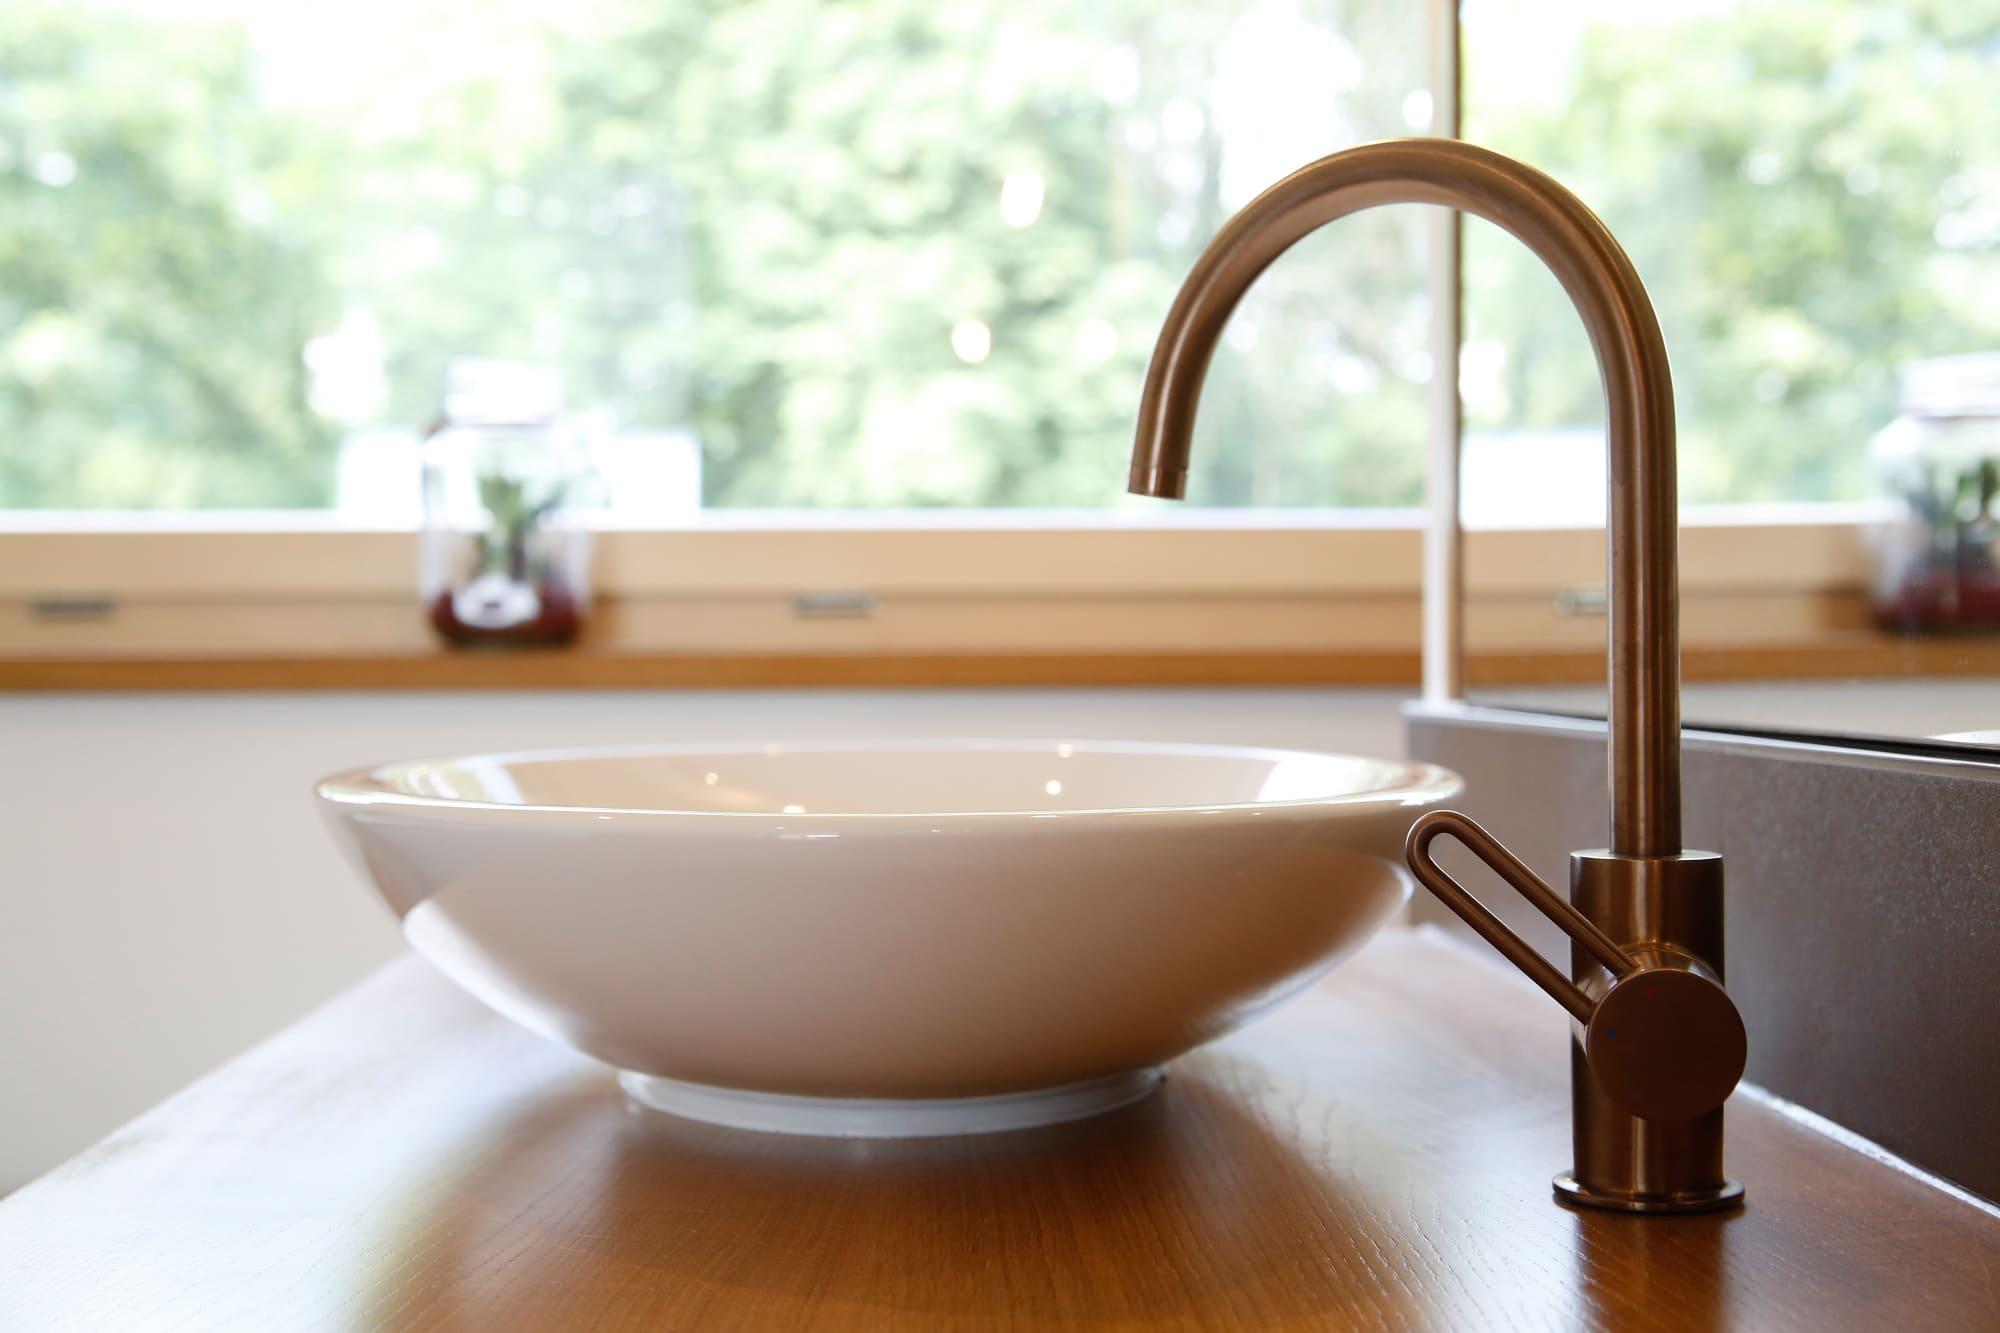 Waschtisch modern mit Armatur - Haus Design innen Ideen Inneneinrichtung Baufritz ÖKOHAUS SCHELLENBERG - HausbauDirekt.de